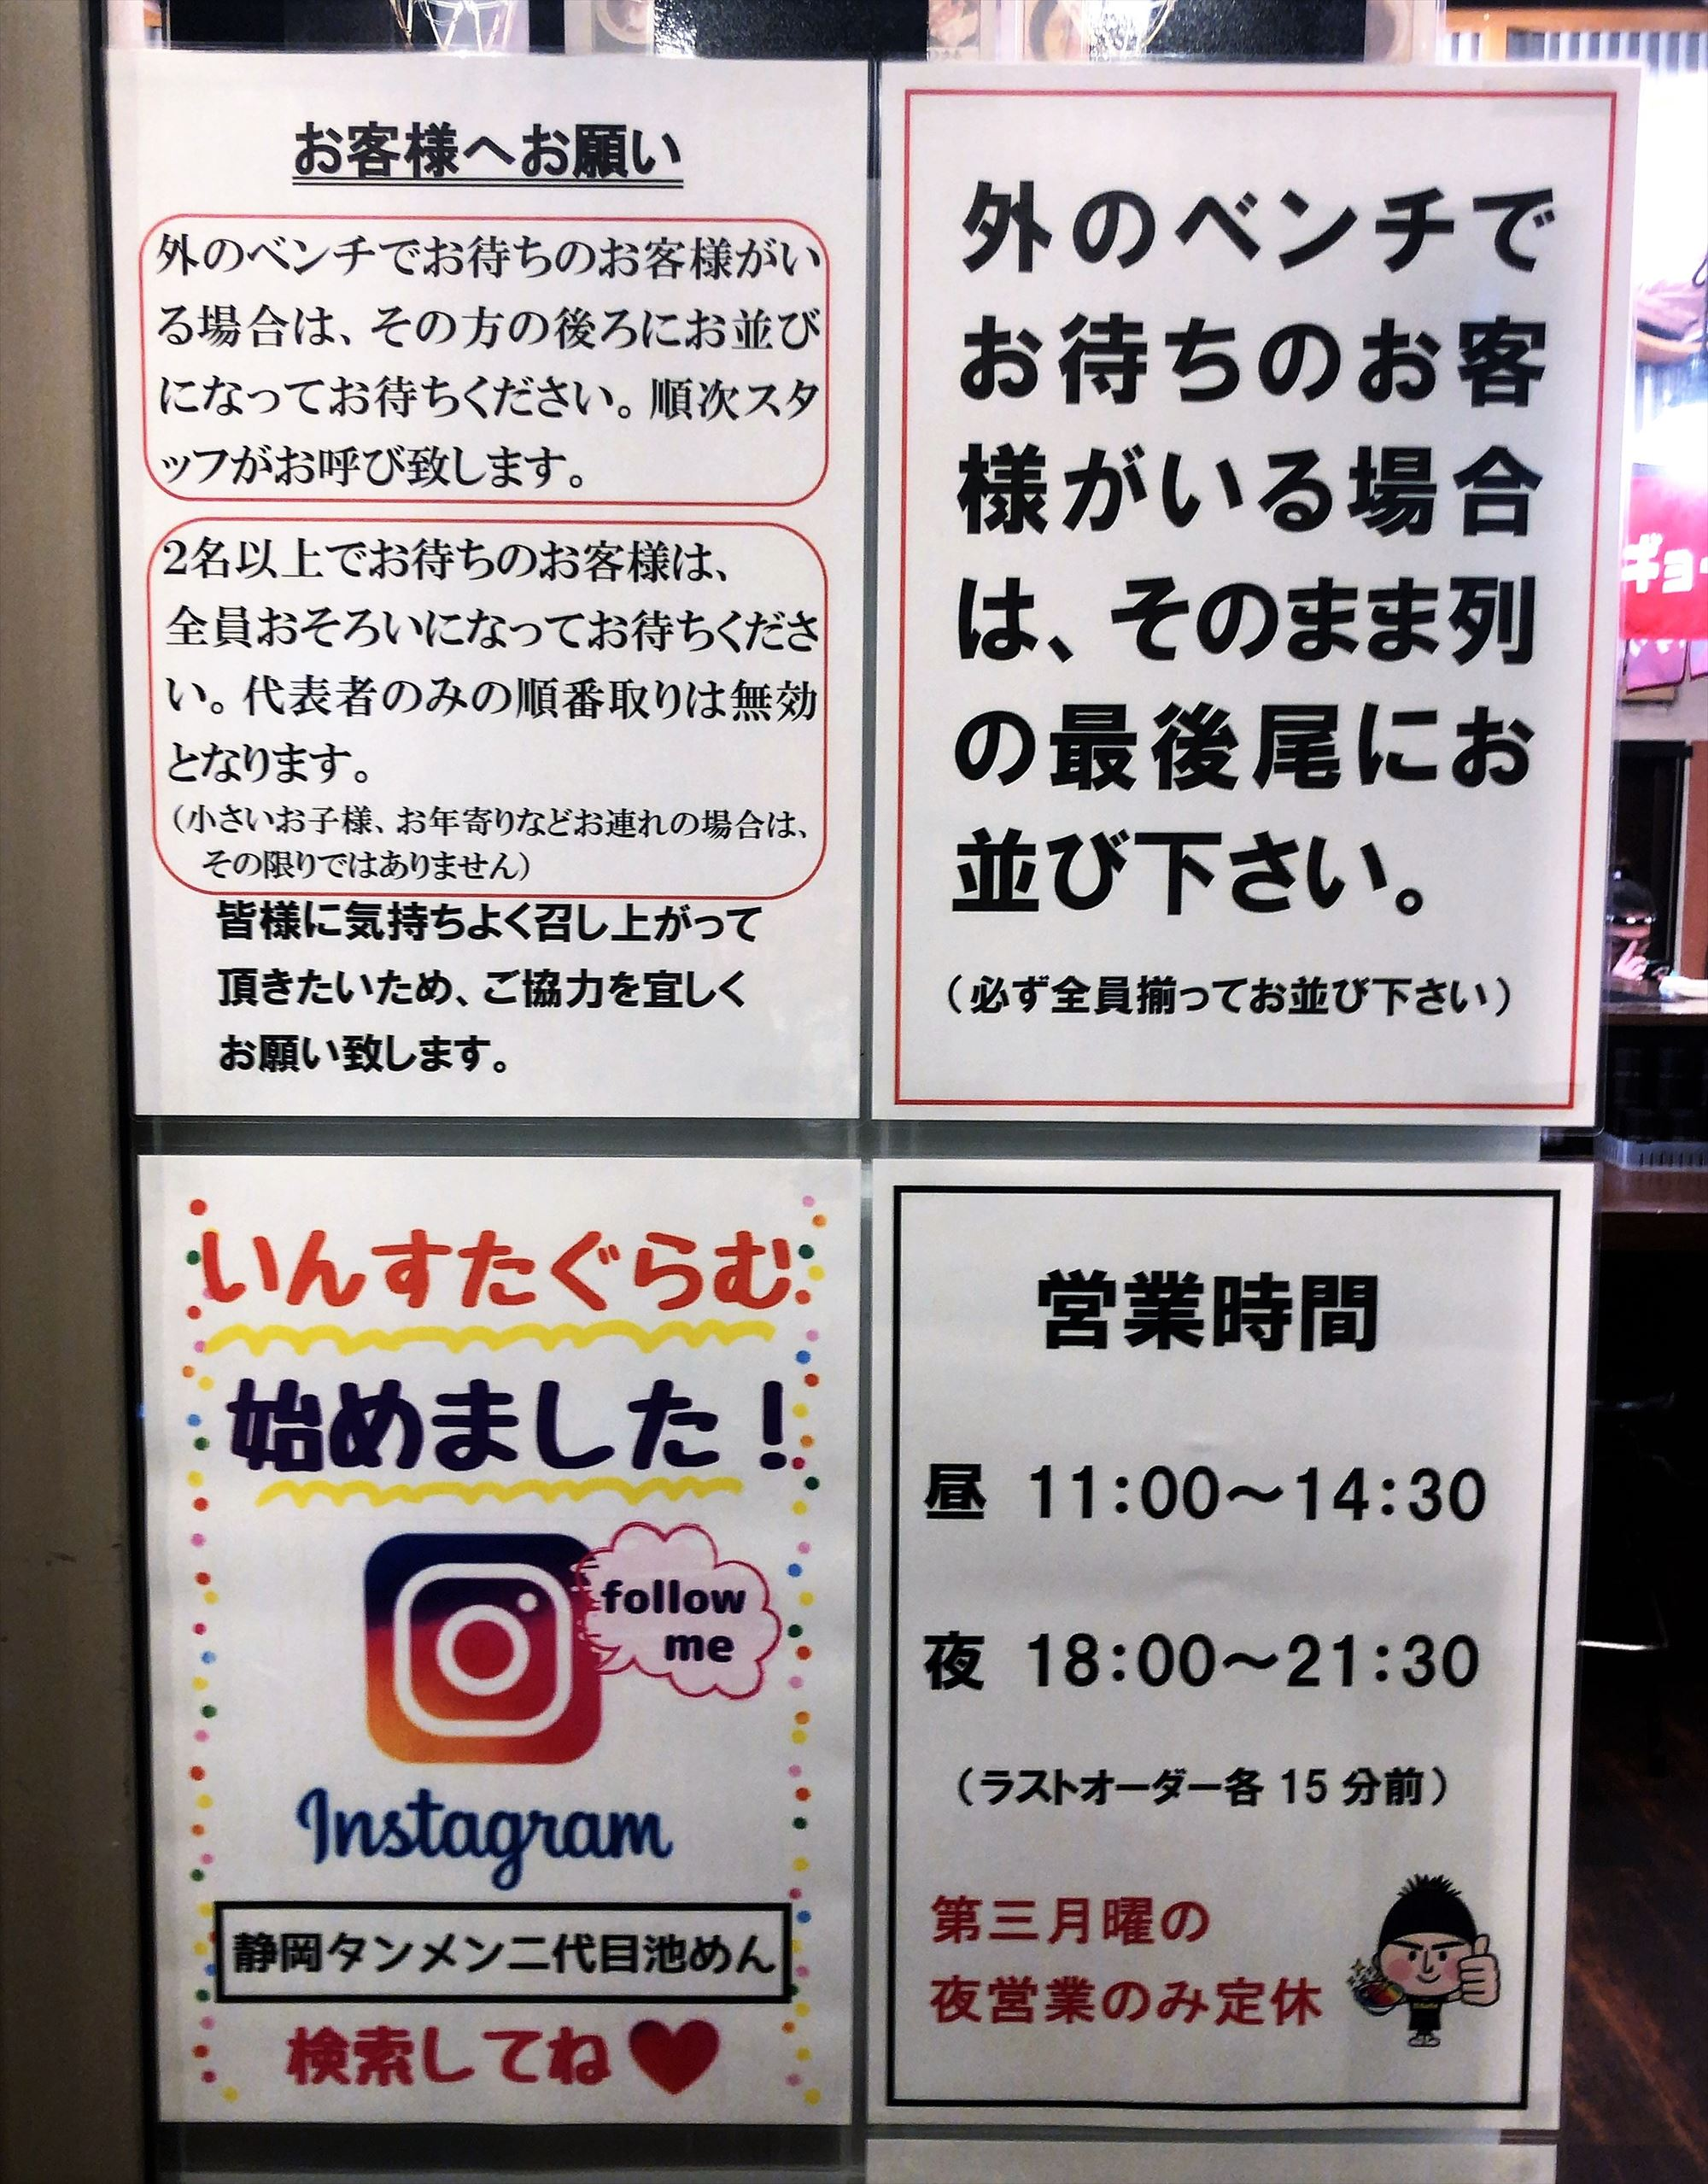 静岡タンメン 二代目 池めん 島田店の案内